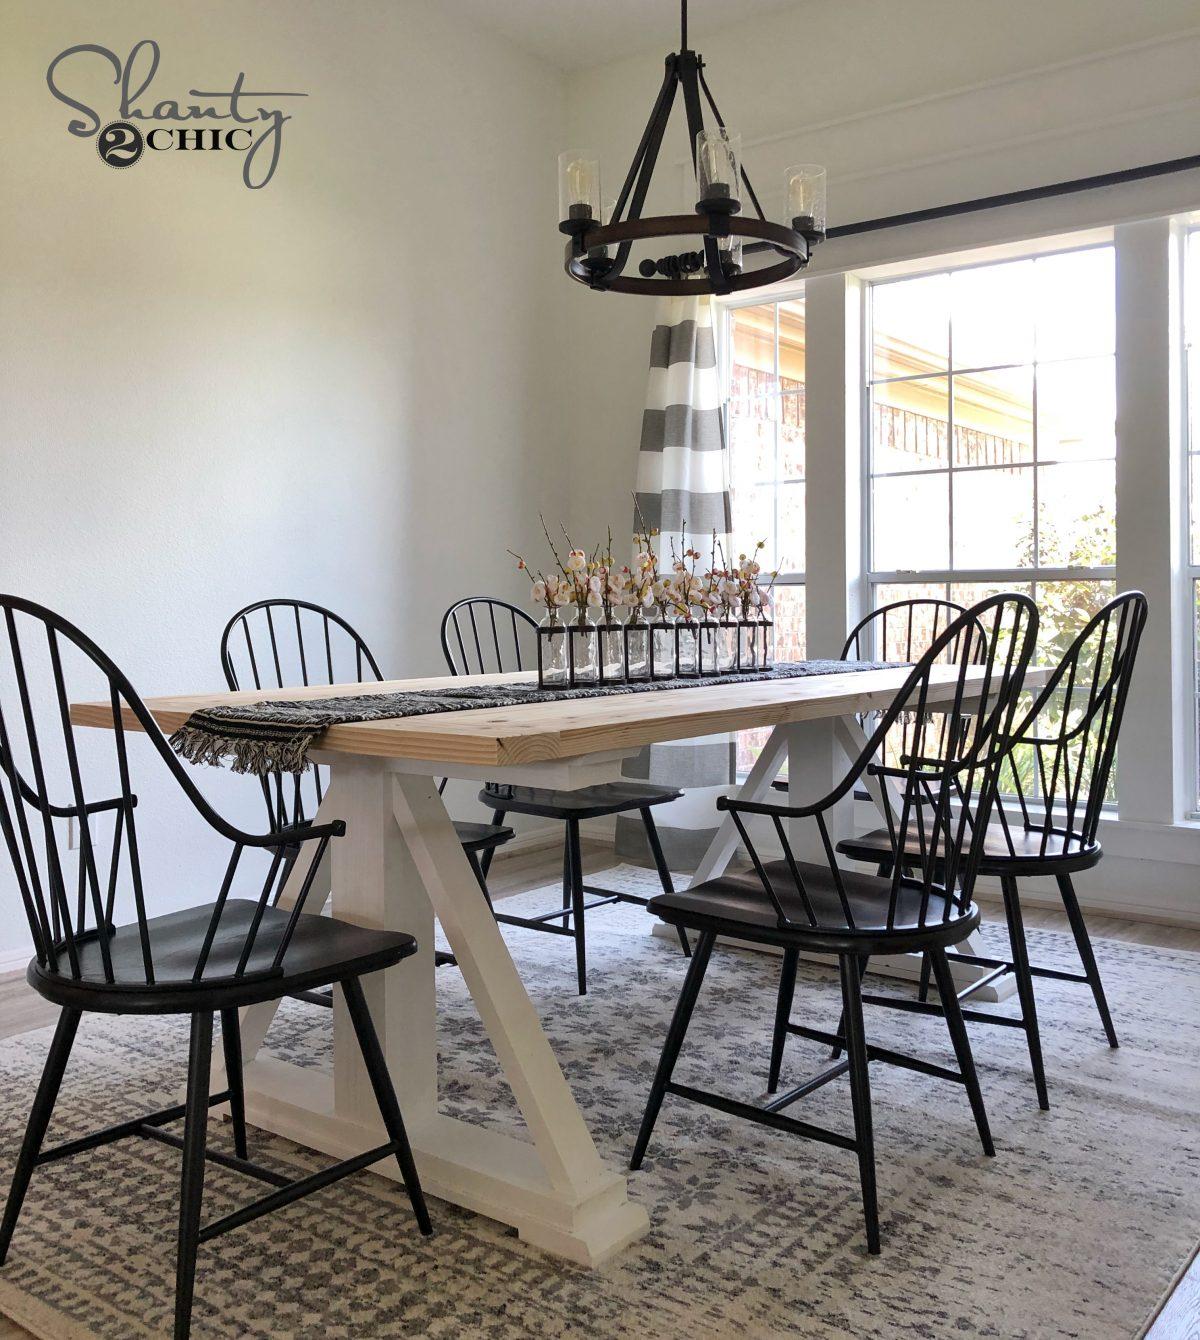 Diy Modern Farmhouse Dining Table The Leasha Table Shanty 2 Chic